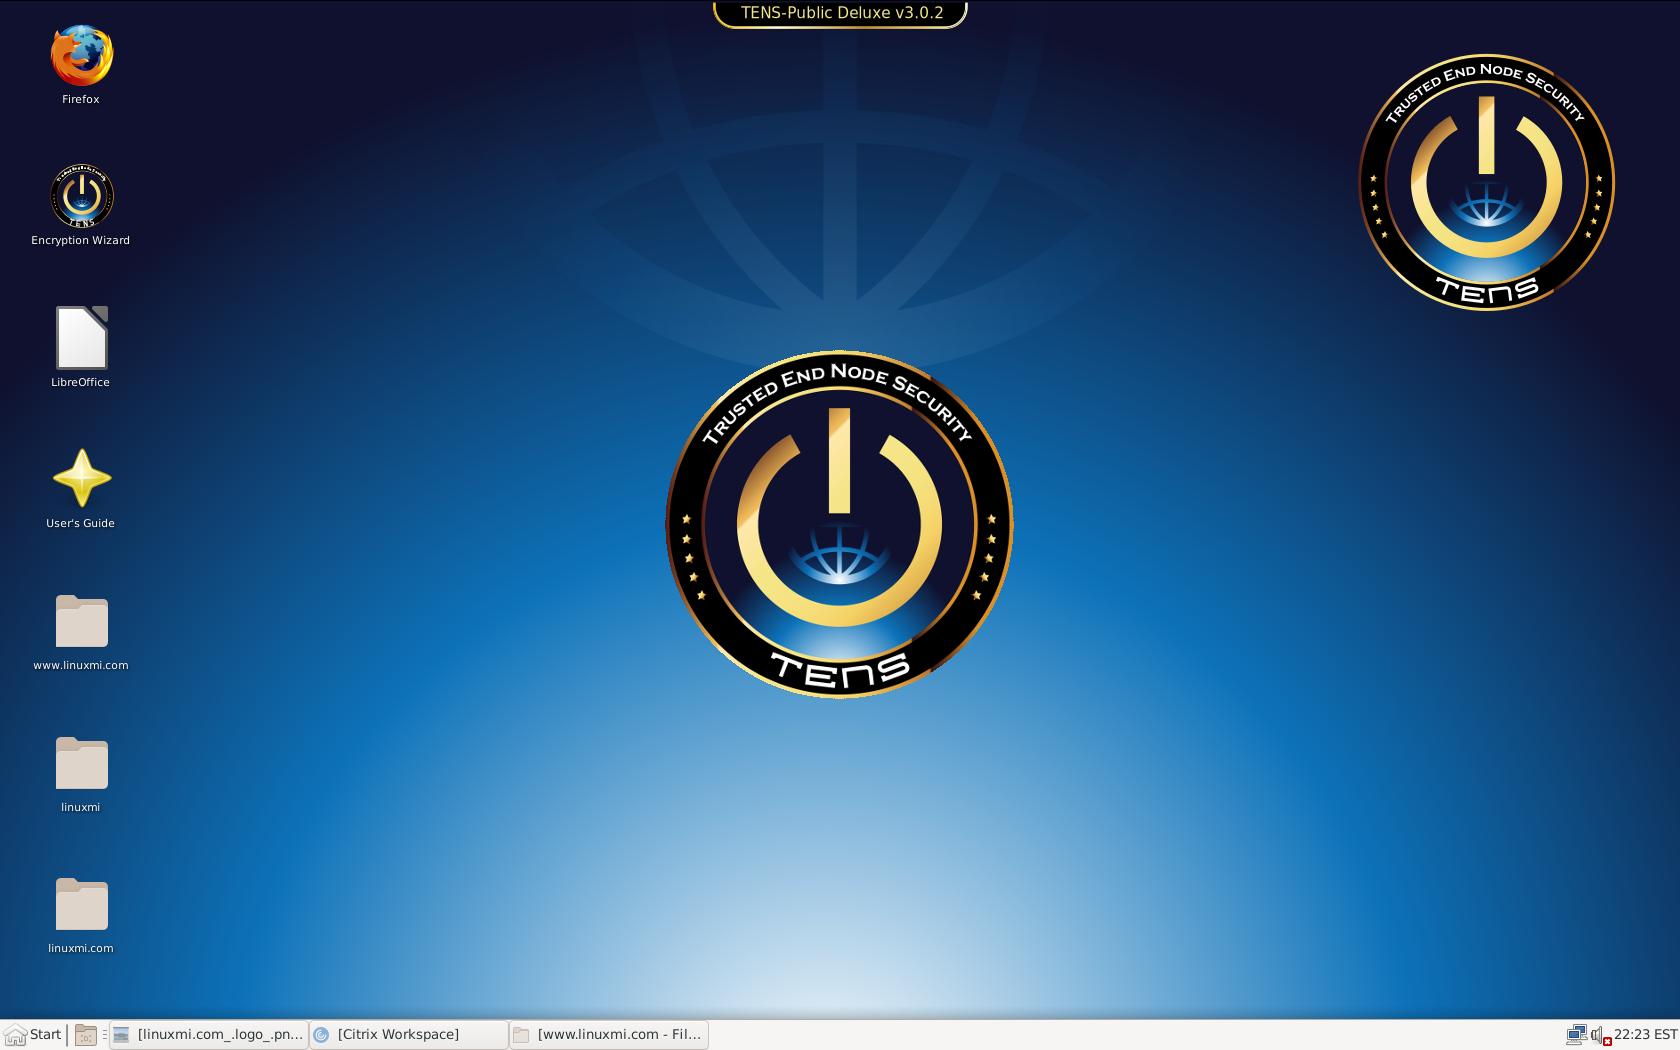 揭秘美国国防部最新的高度安全的Linux操作系统